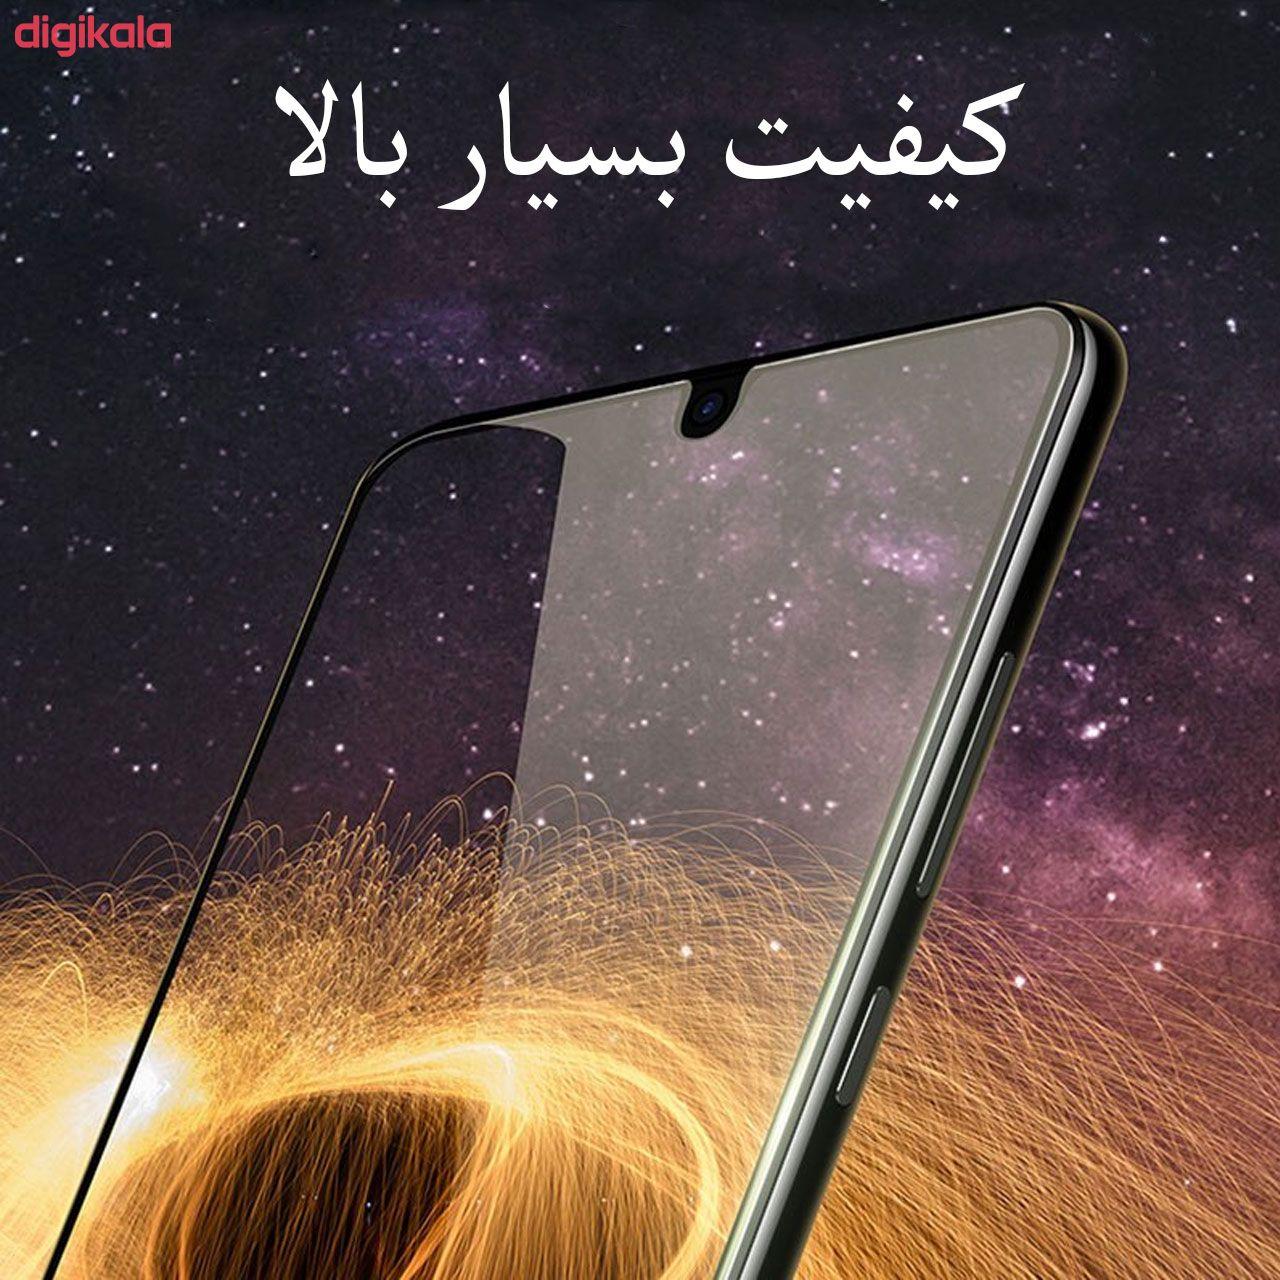 محافظ صفحه نمایش مدل FCG مناسب برای گوشی موبایل سامسونگ Galaxy M20 main 1 14